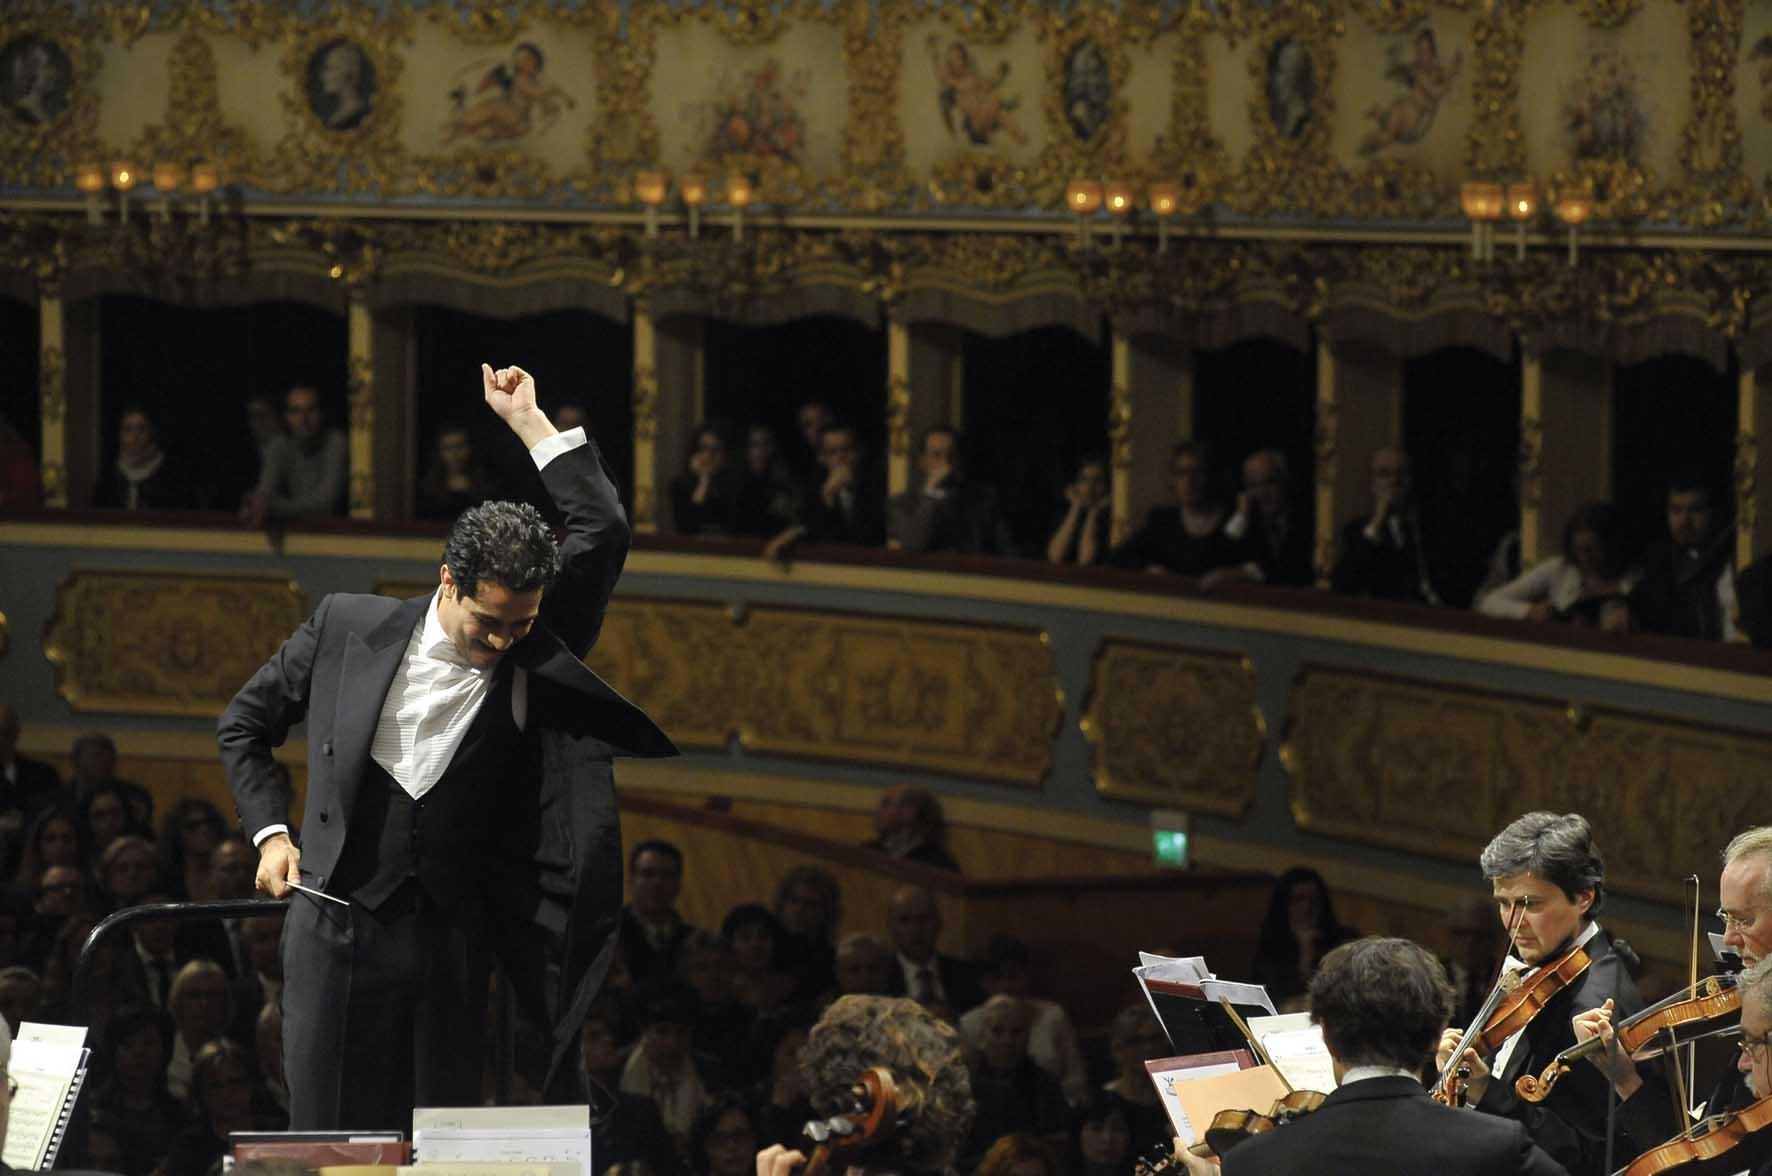 Teatro la fenice venezia direttore diego matheuz attaccoconcerto capodanno 2012 1